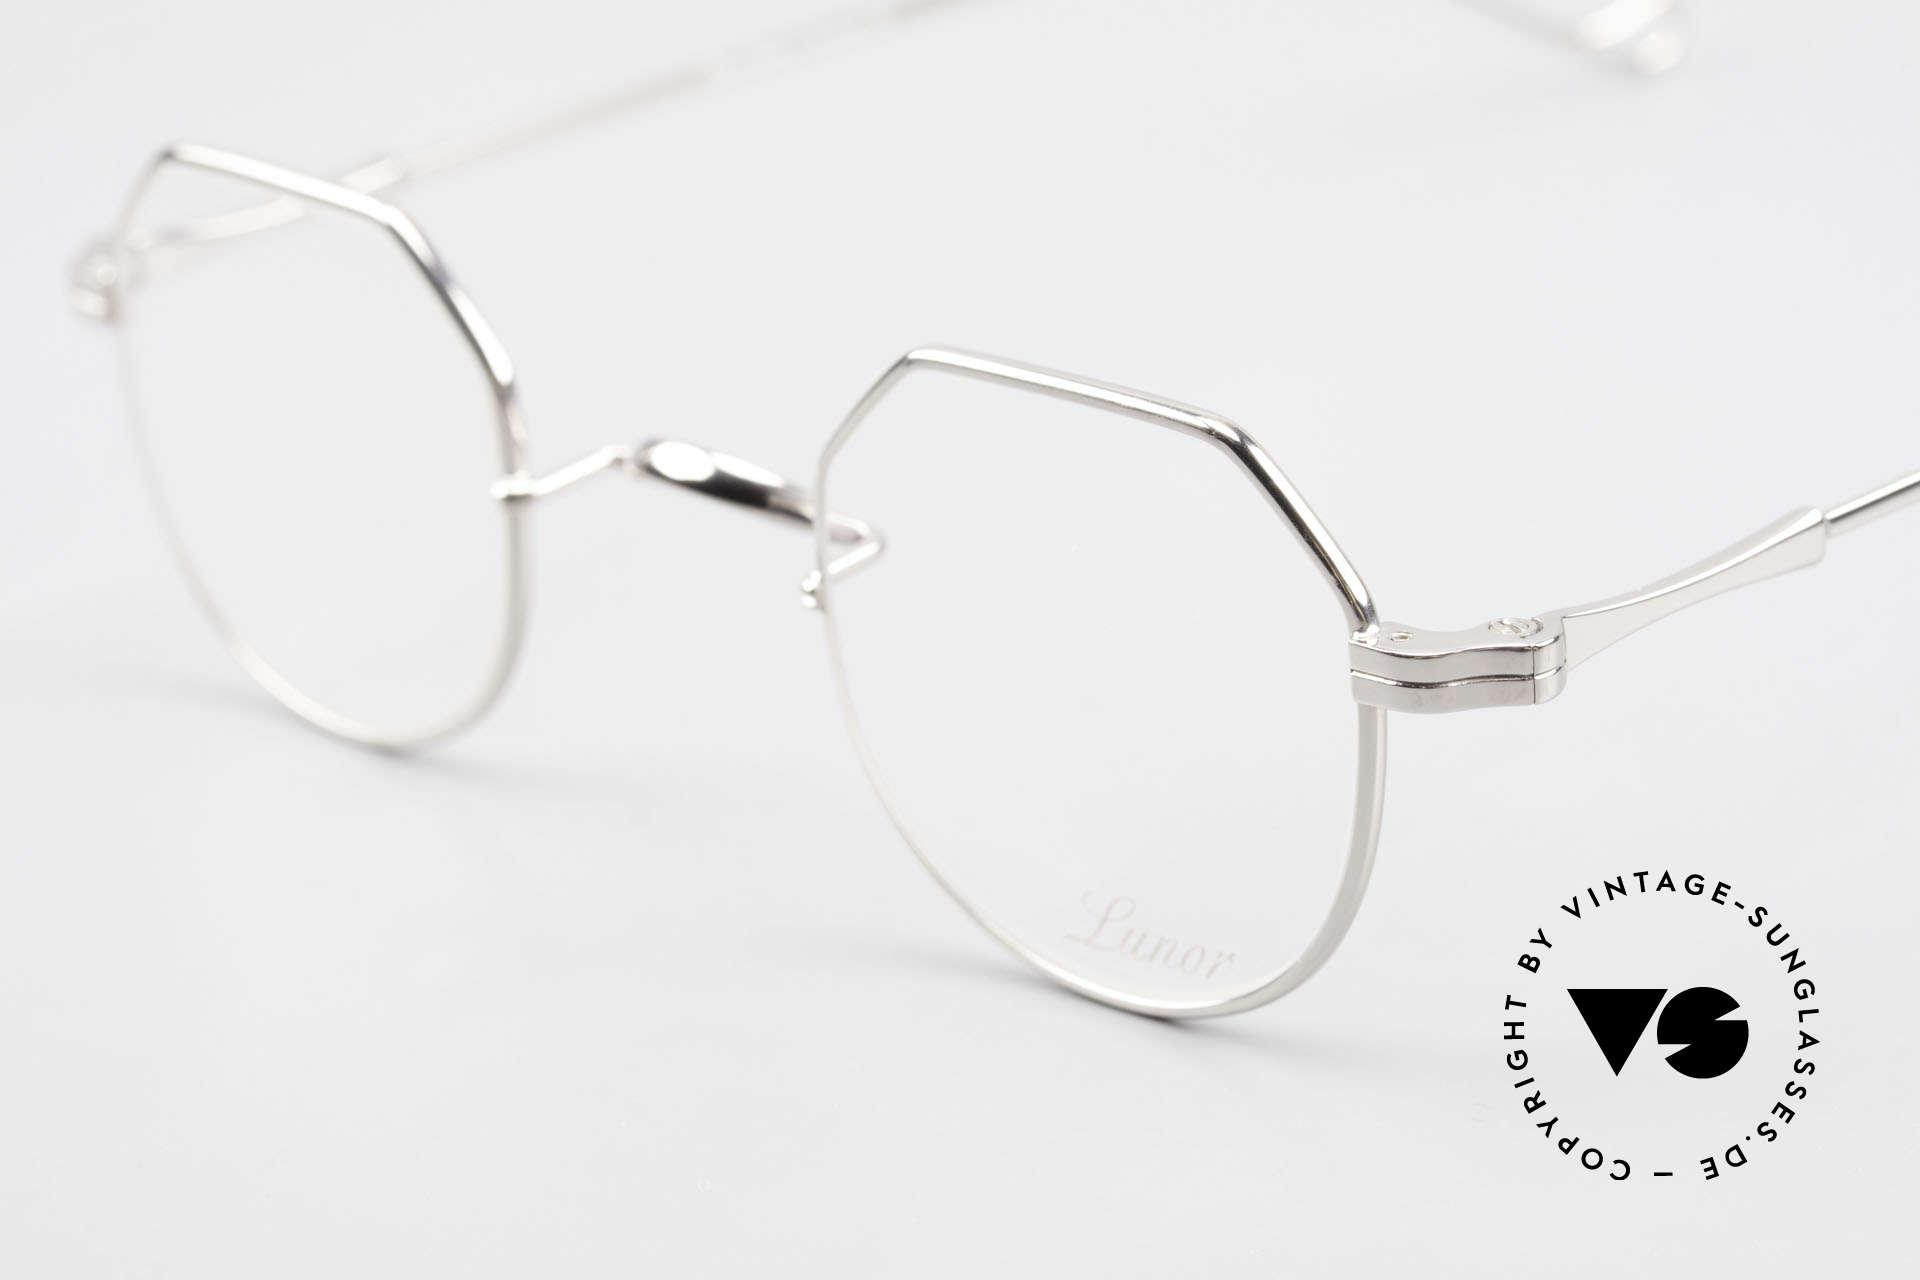 Lunor II 18 Eckige Pantobrille Metall 90er, edel, stilvoll, zeitlos = ein wahres LUNOR ORIGINAL, Passend für Herren und Damen